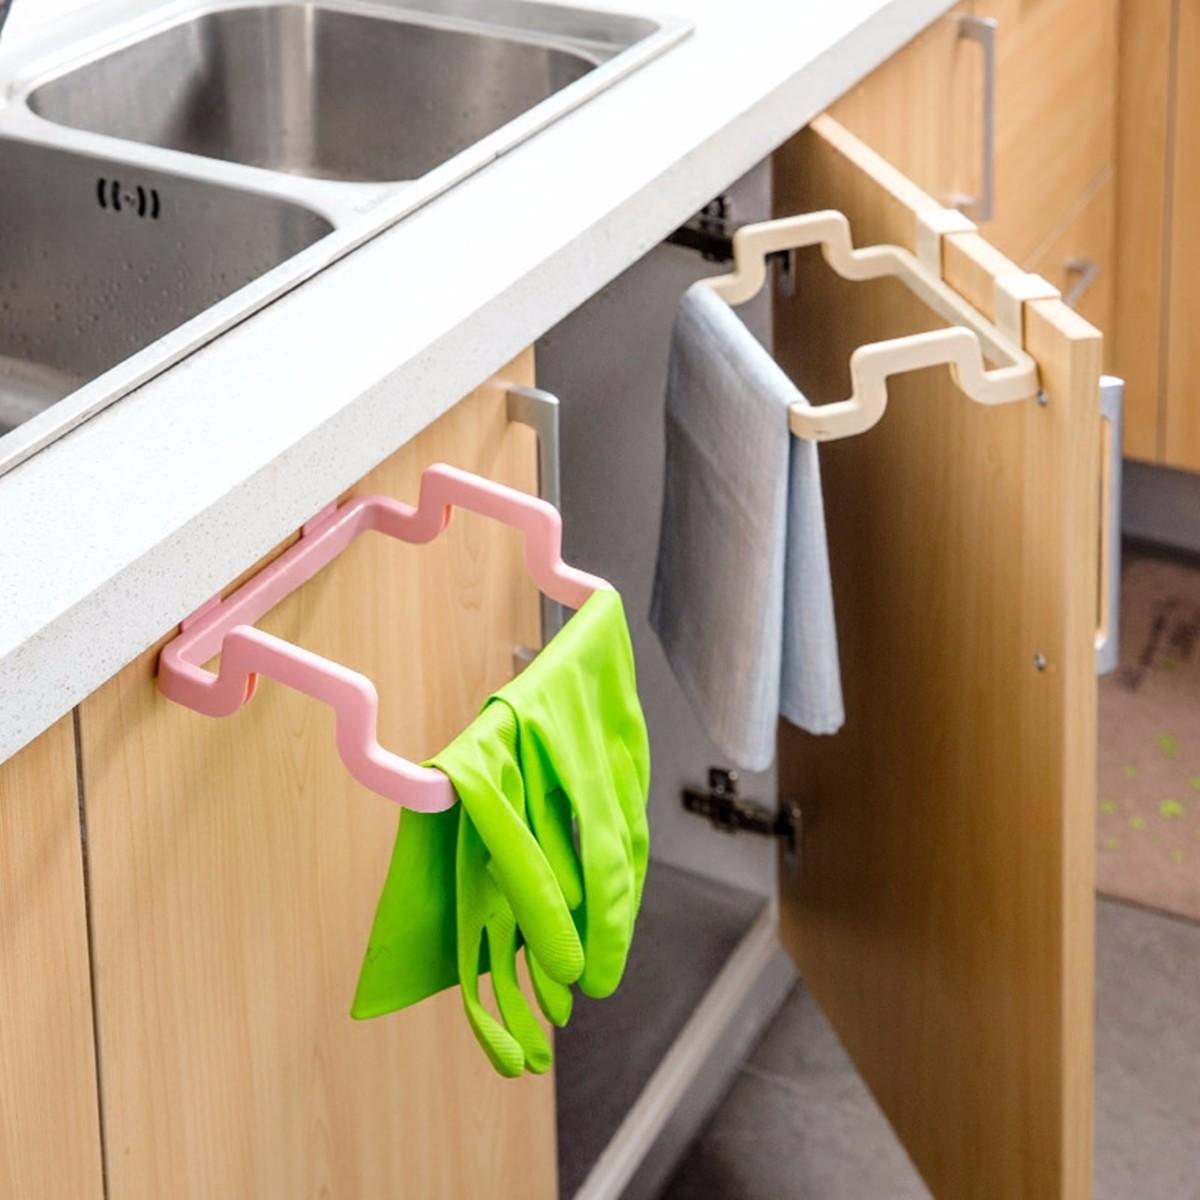 Кухонный шкаф Подвесной мусор Сумка Держатель для мусора Шкаф для хранения мусора Вешалка